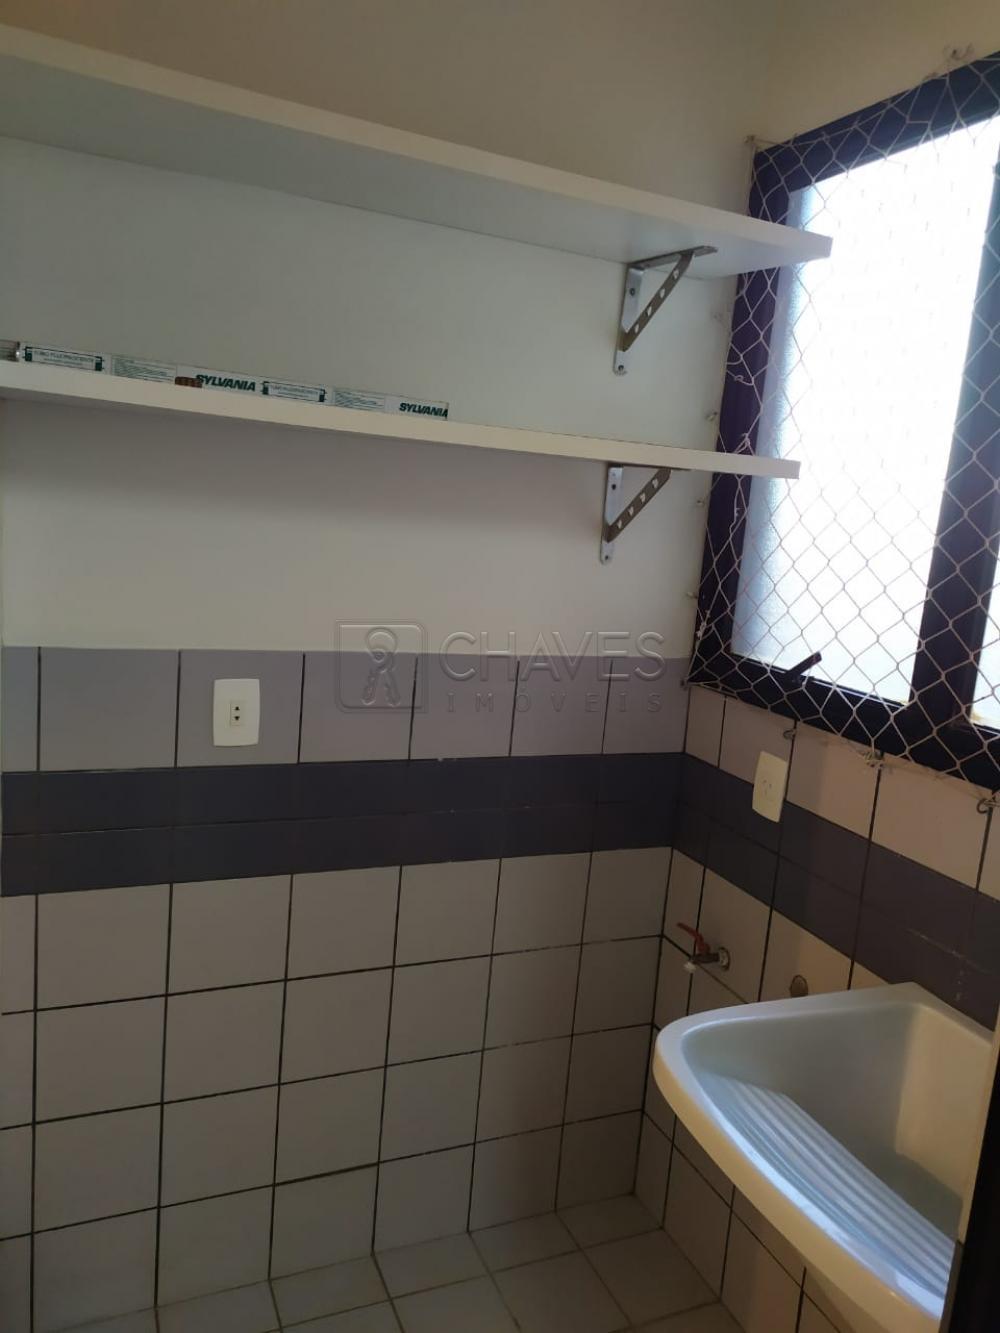 Alugar Apartamento / Padrão em Ribeirão Preto R$ 1.100,00 - Foto 18